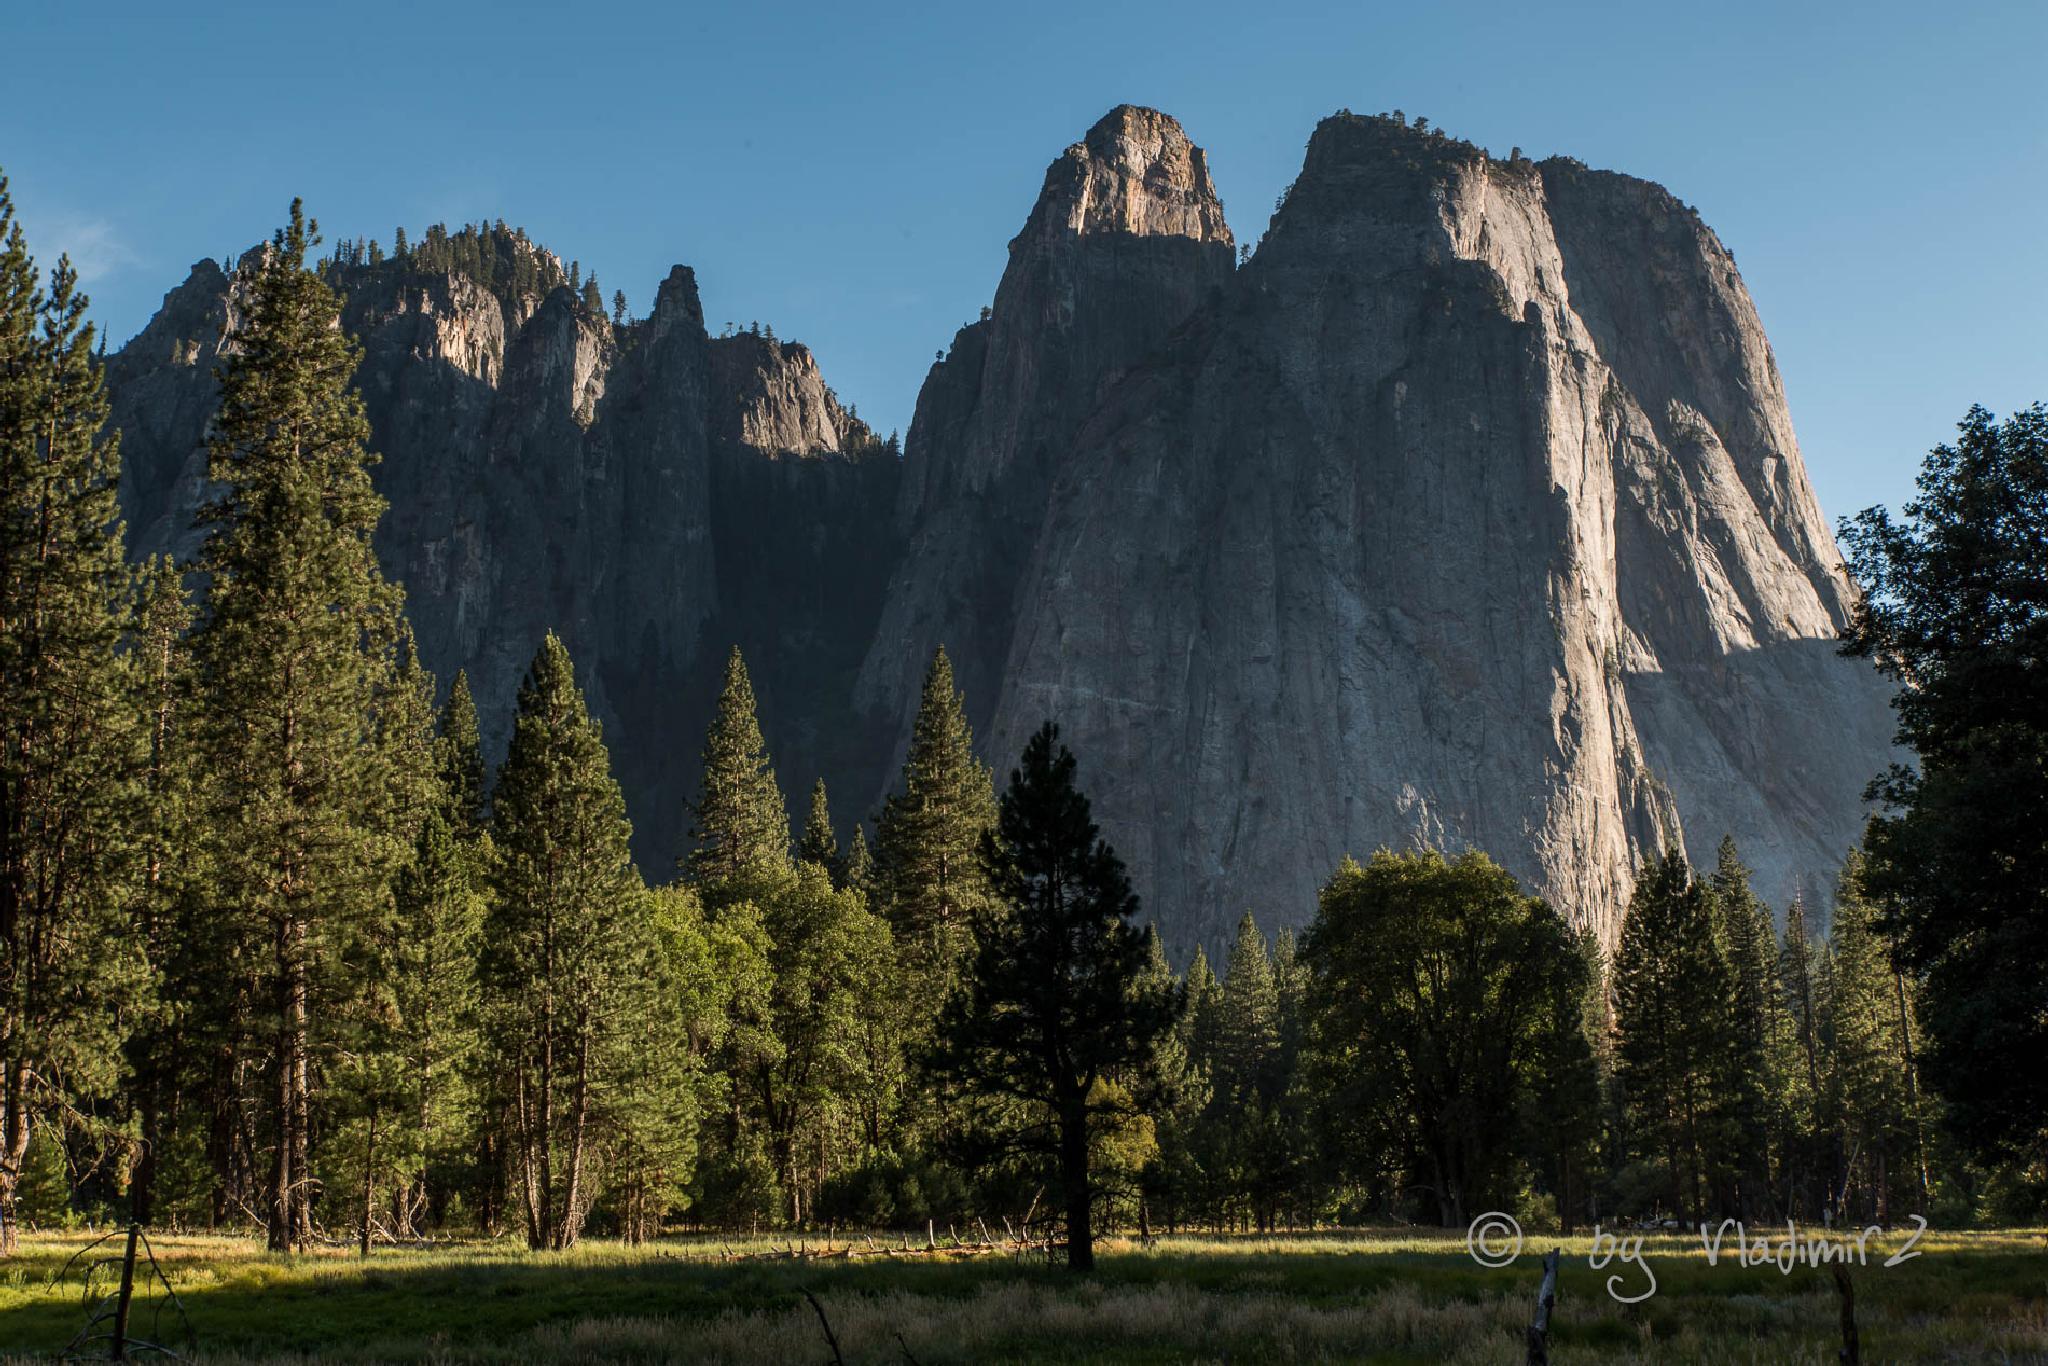 Yosemitie by vladimirz